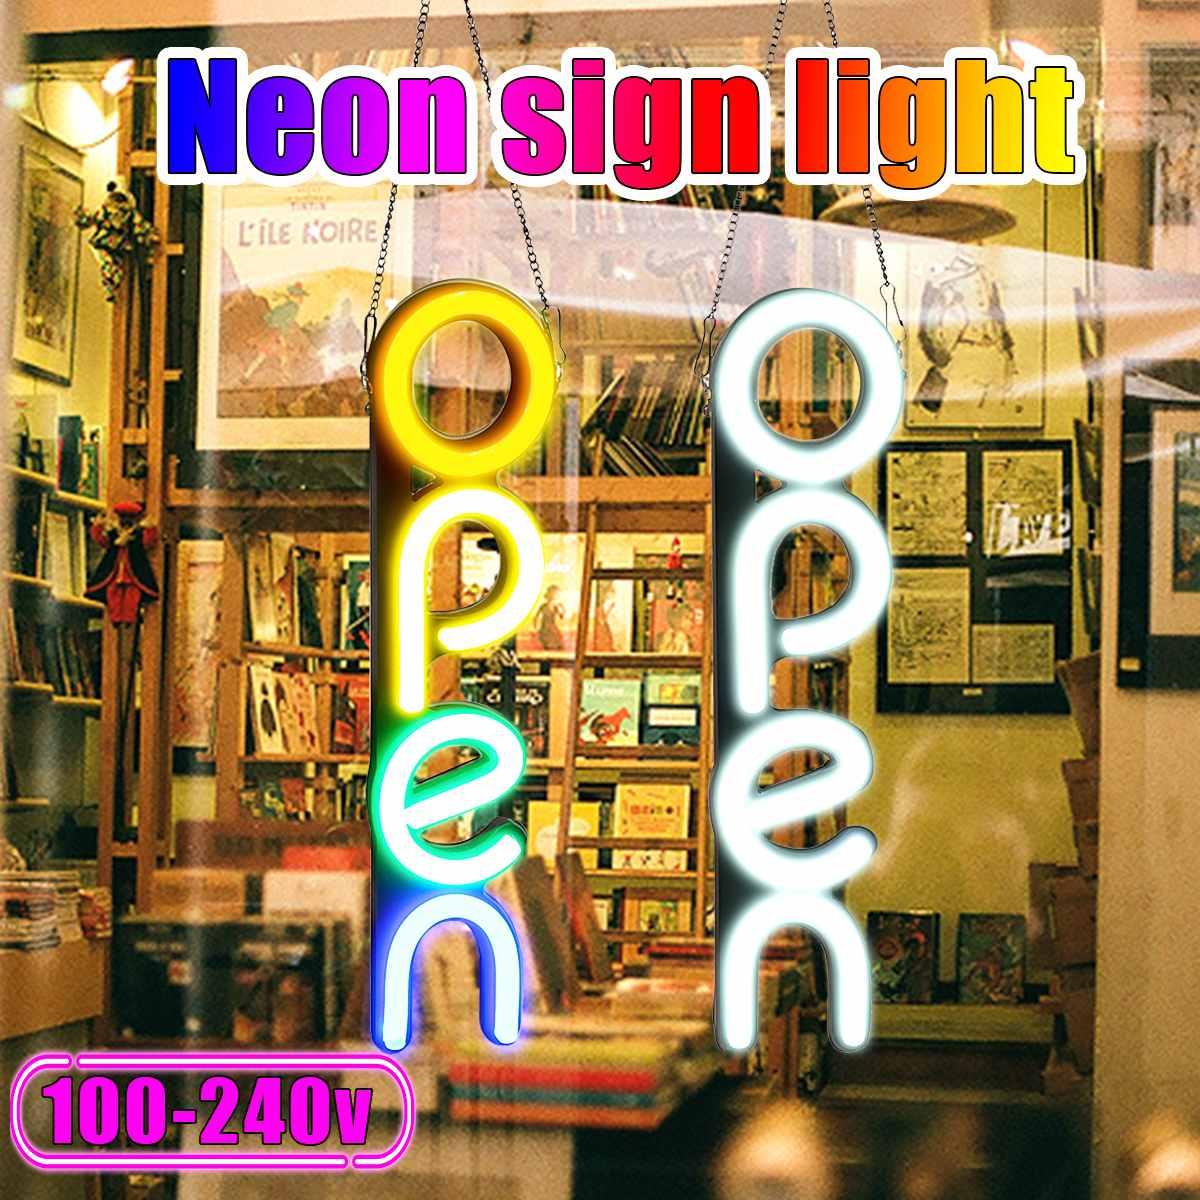 مصباح حائط نيون LED مفتوح 100-240 فولت ، مصباح حائط ، عمل فني مرئي ، مصباح بار للمطعم ، ديكور غرفة المنزل ، المتجر ، الإضاءة التجارية